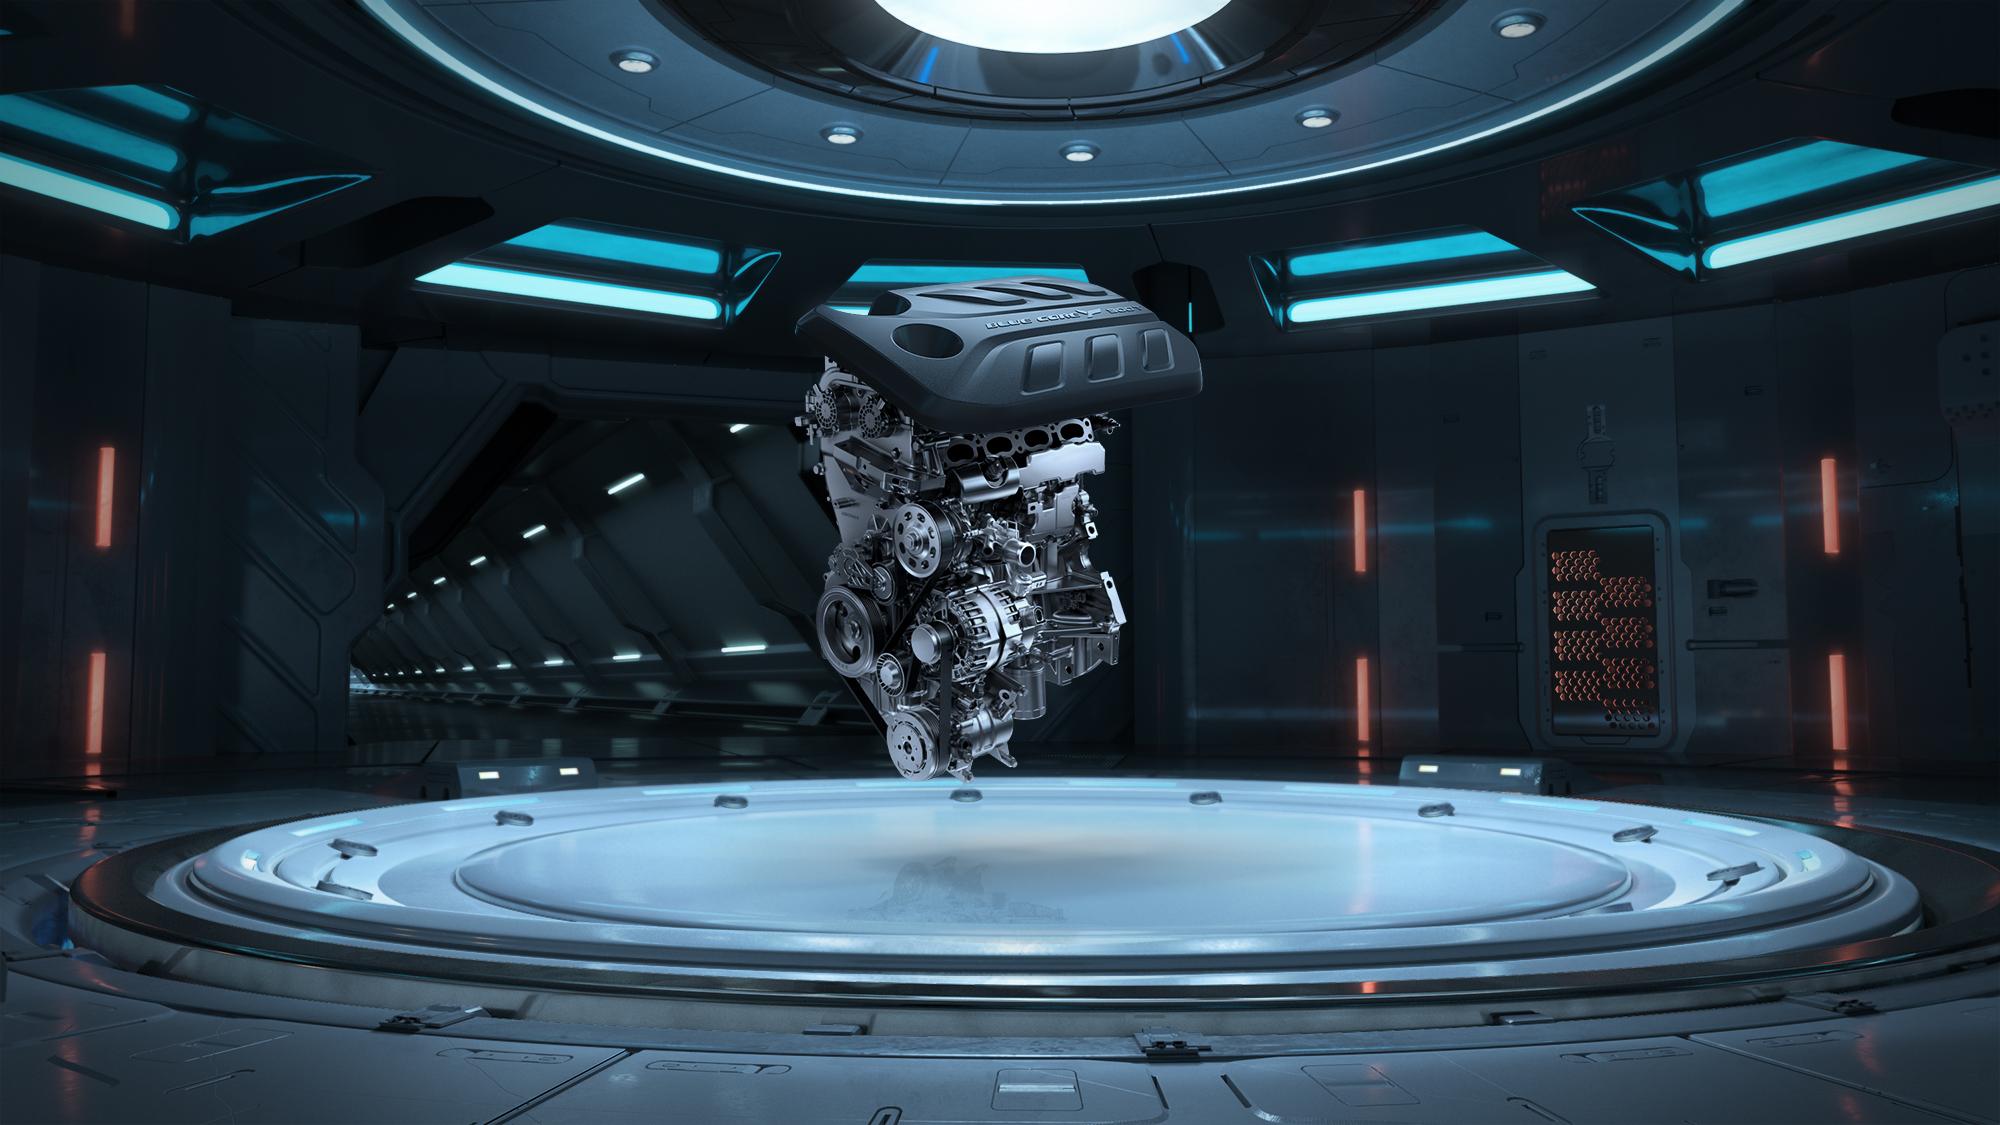 """长安蓝鲸发动机发起""""最长时间视频直播""""吉尼斯世界纪录称号挑战"""